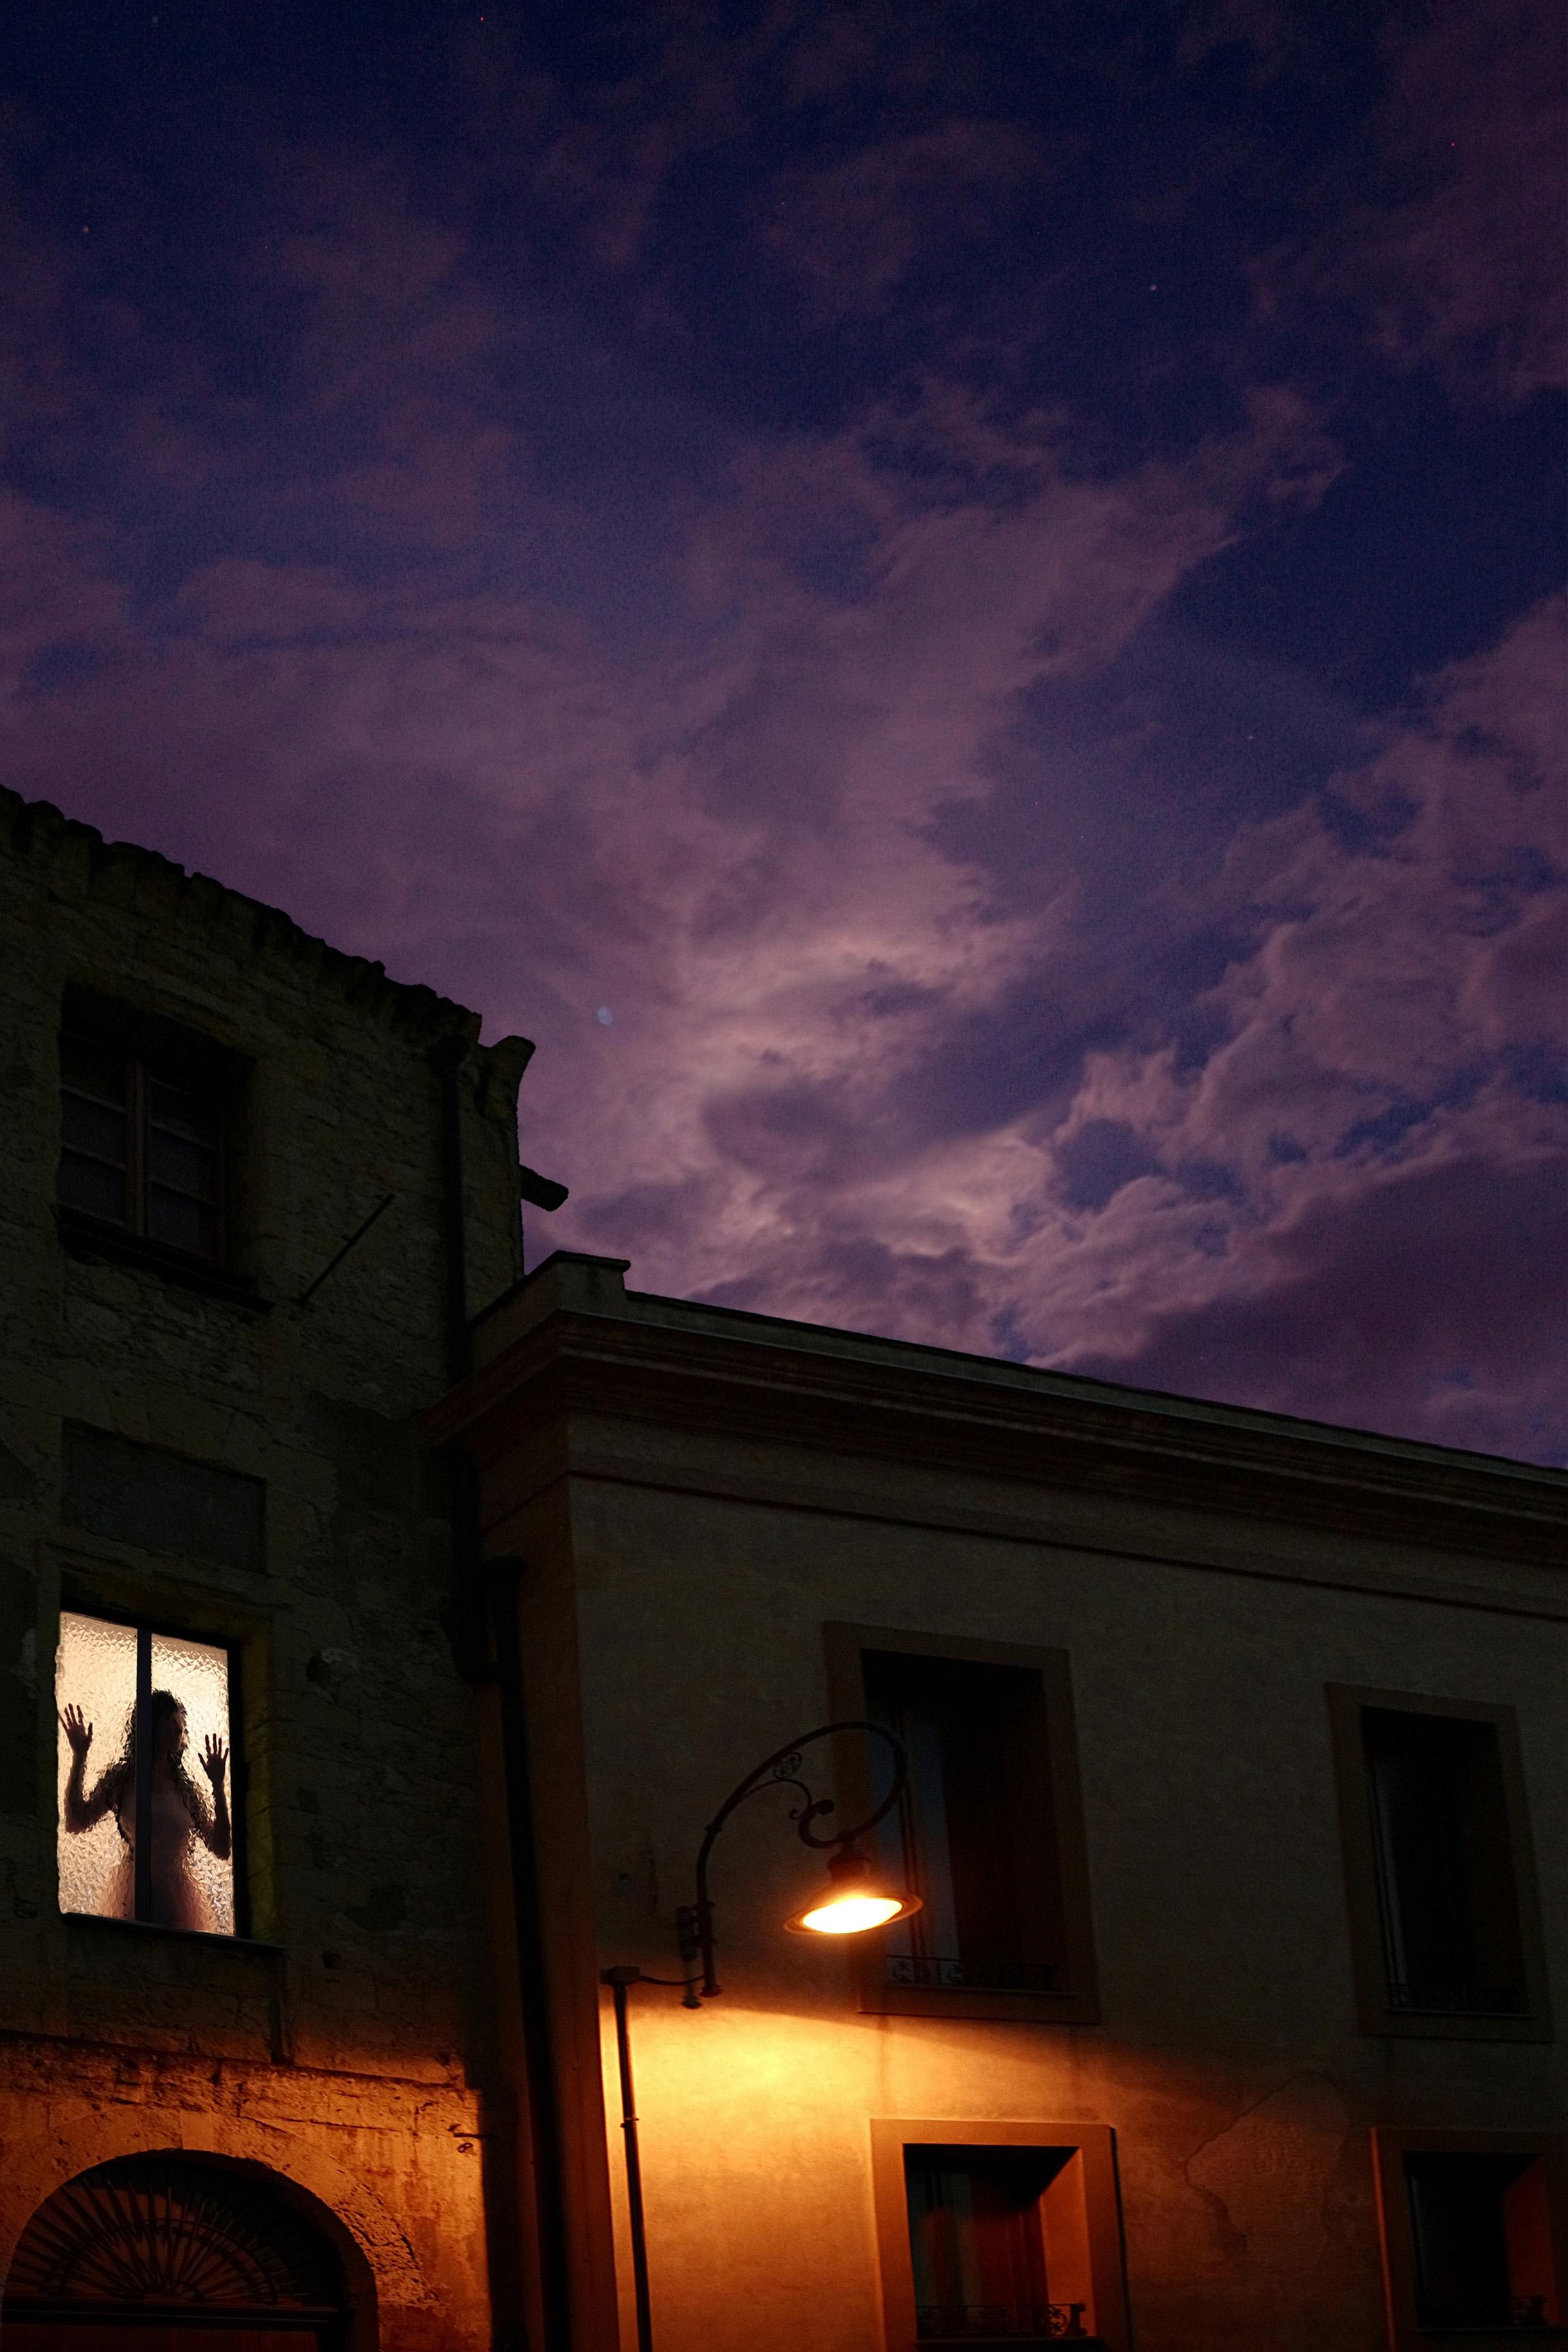 Foto di Francesca Randi. Il lavoro fotografico di Francesca Randi è invece incentrato sul concetto di Realismo Fantastico e Perturbante.